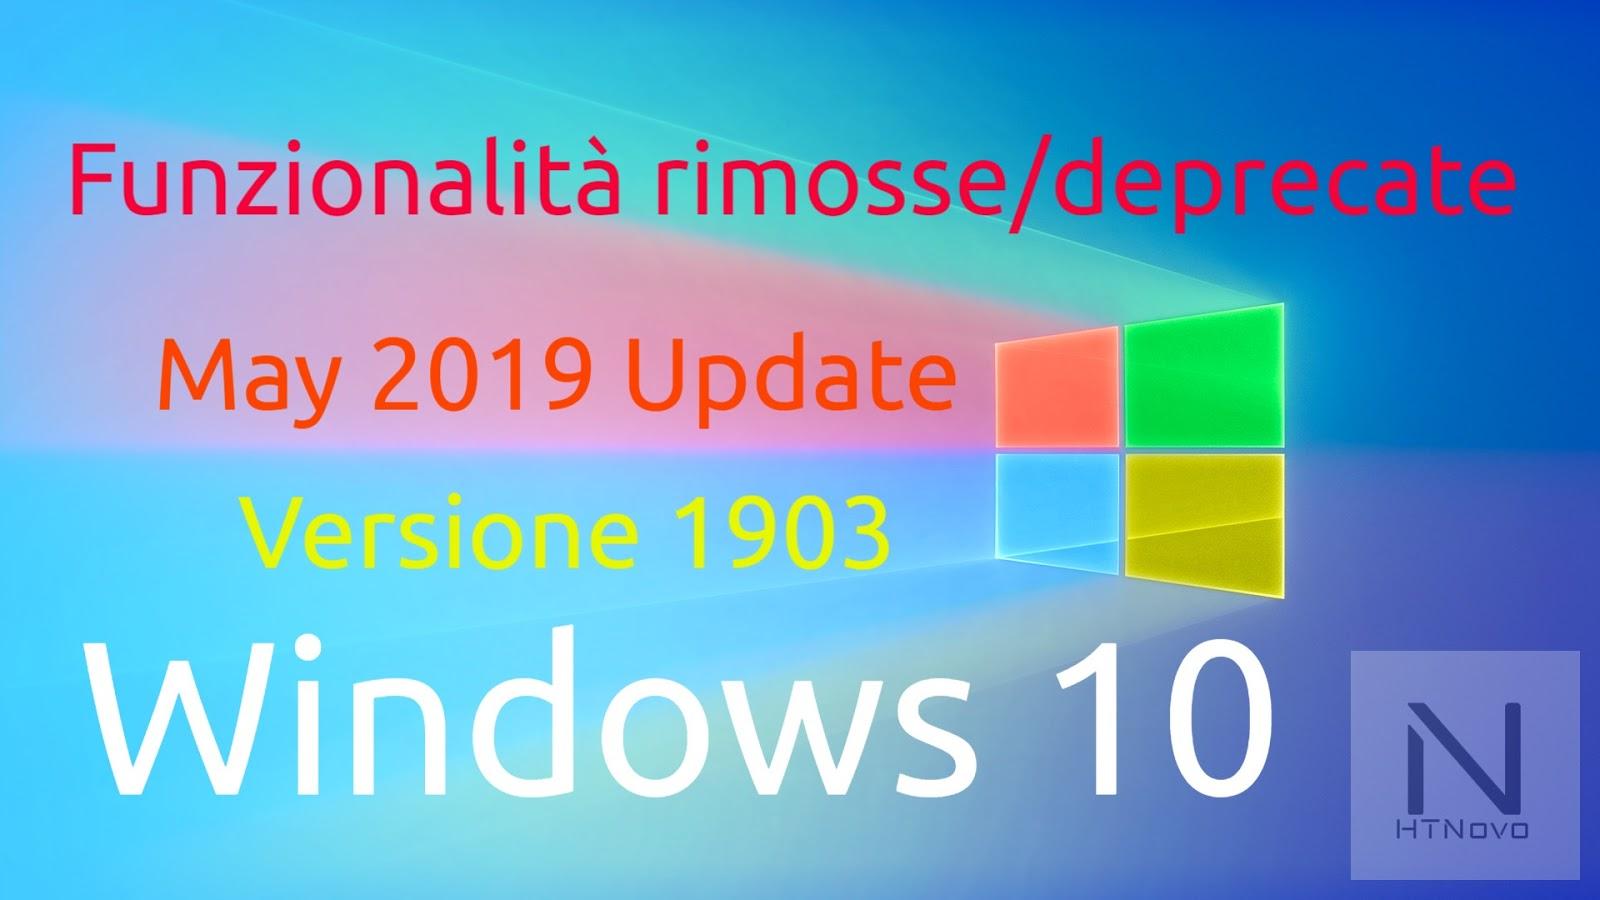 Funzioni-rimosse-deprecate-windows-10-1903